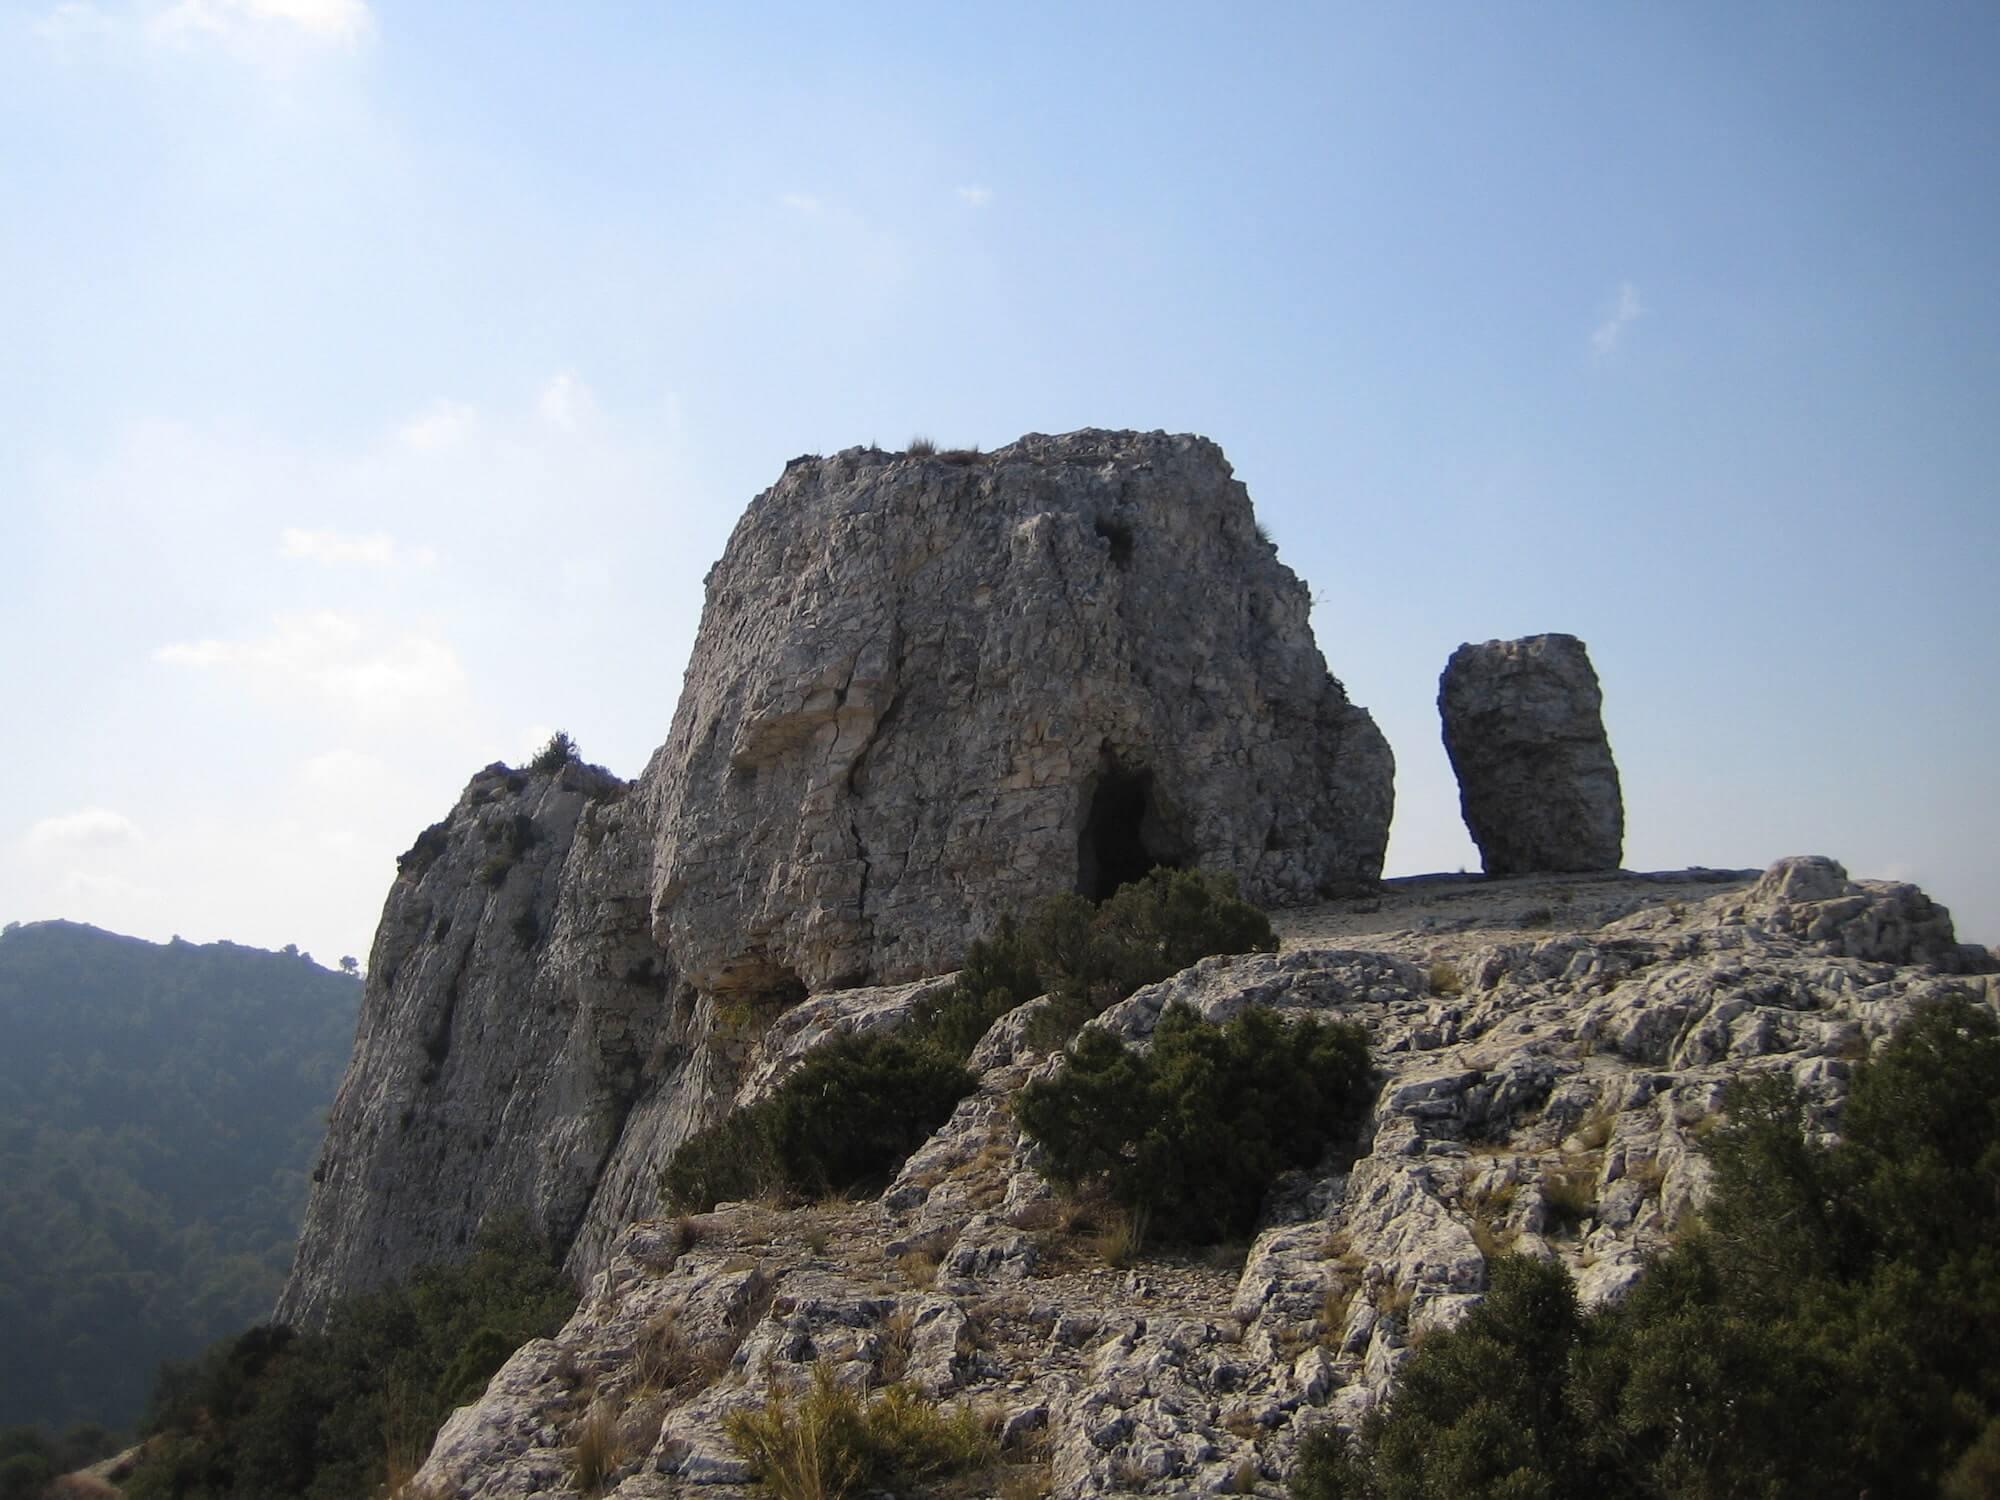 Der Hausberg von Nostradamus - St. Remy